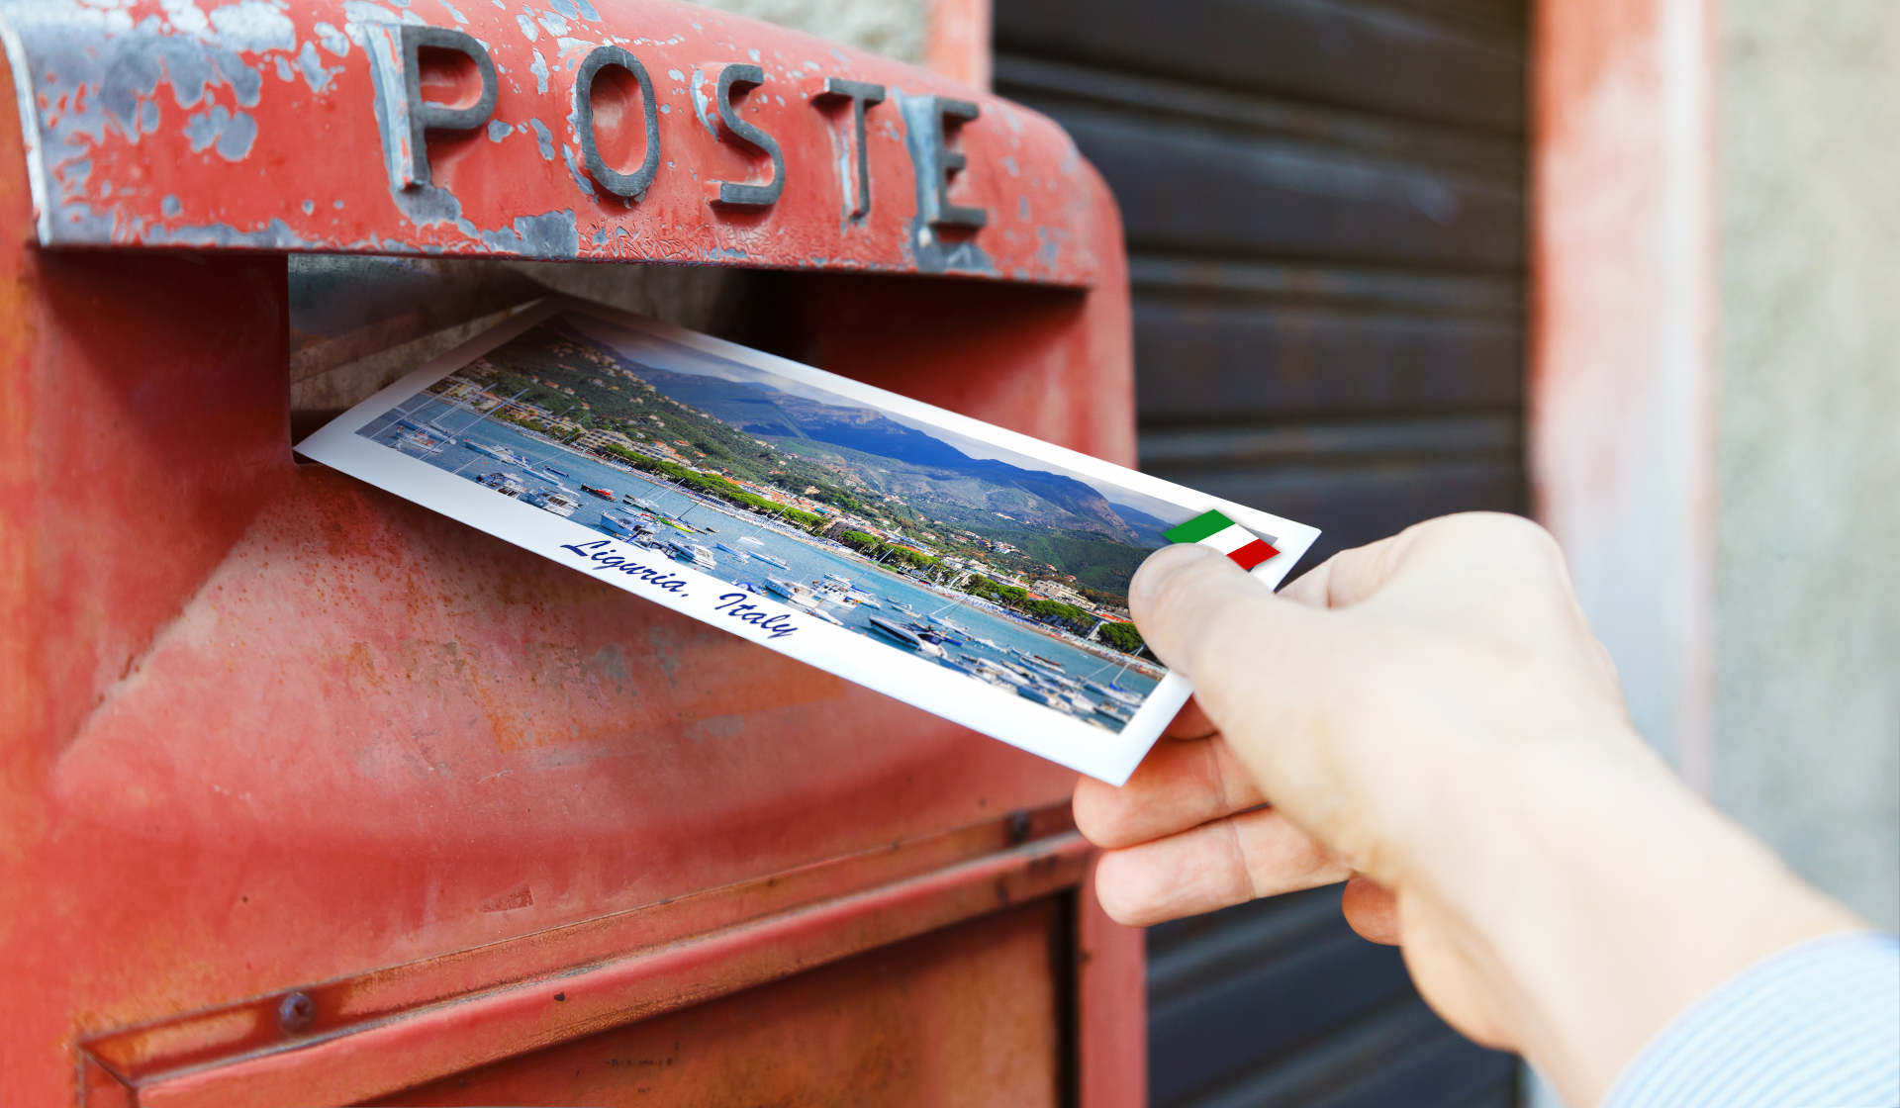 Historia del viaje: el origen de las postales